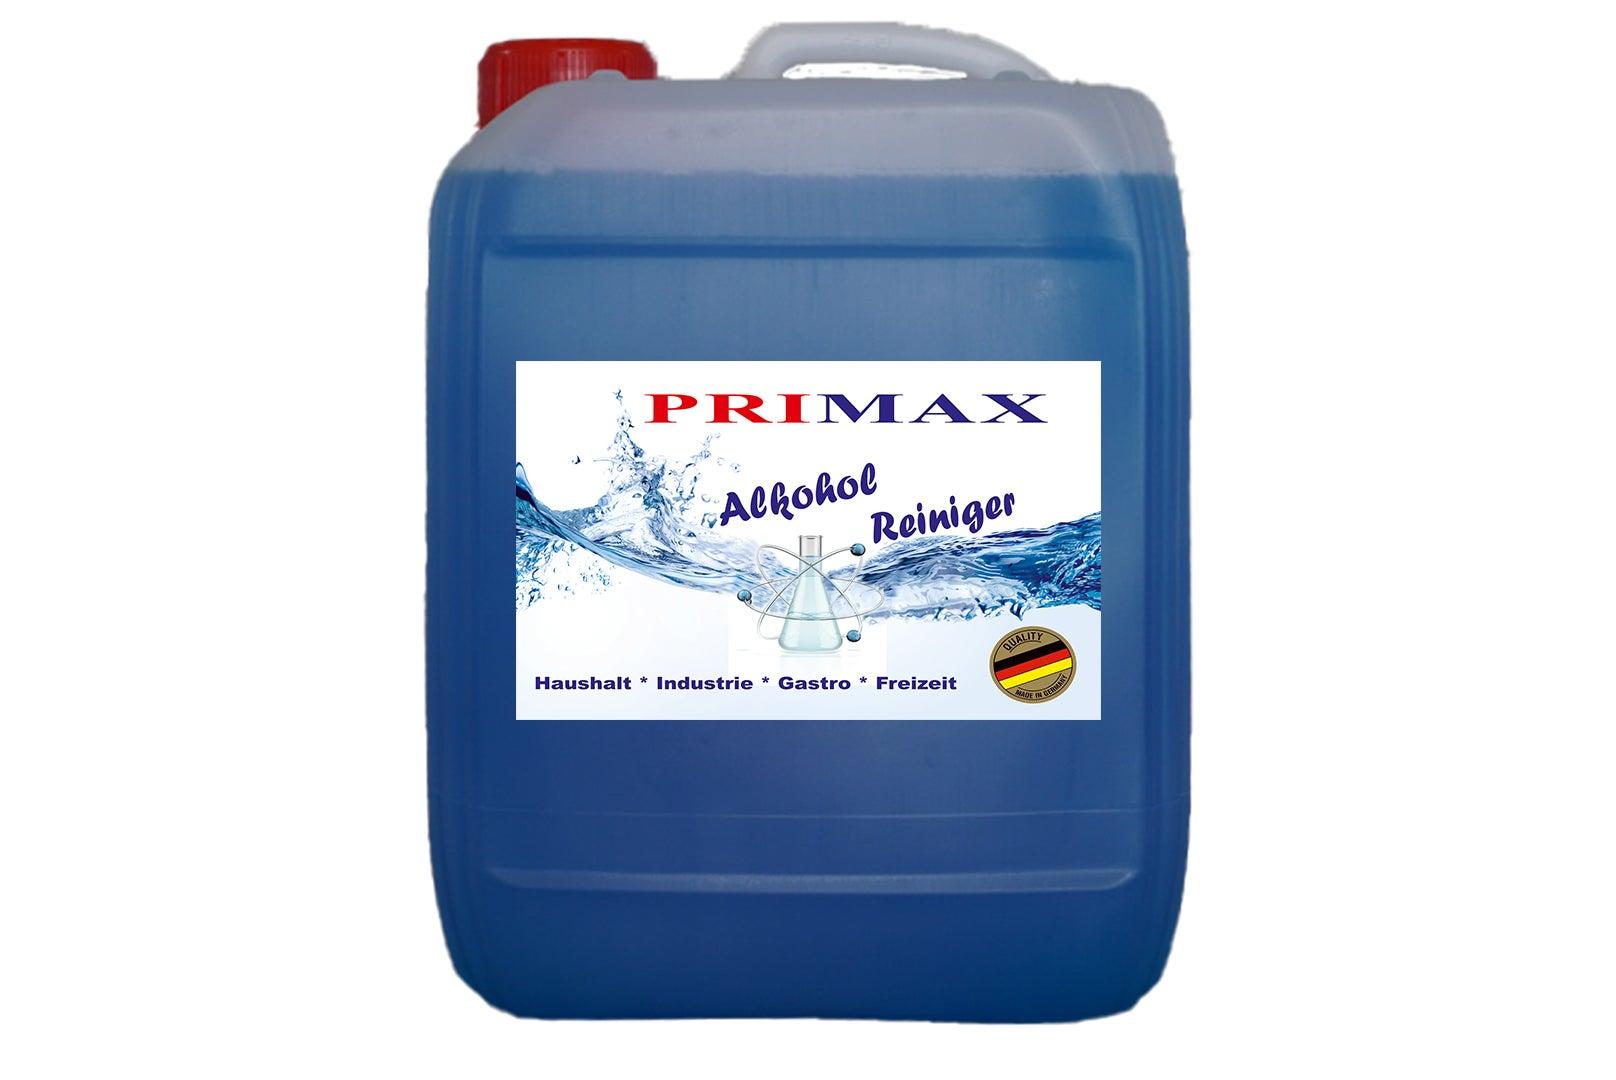 Primax Alkoholreiniger